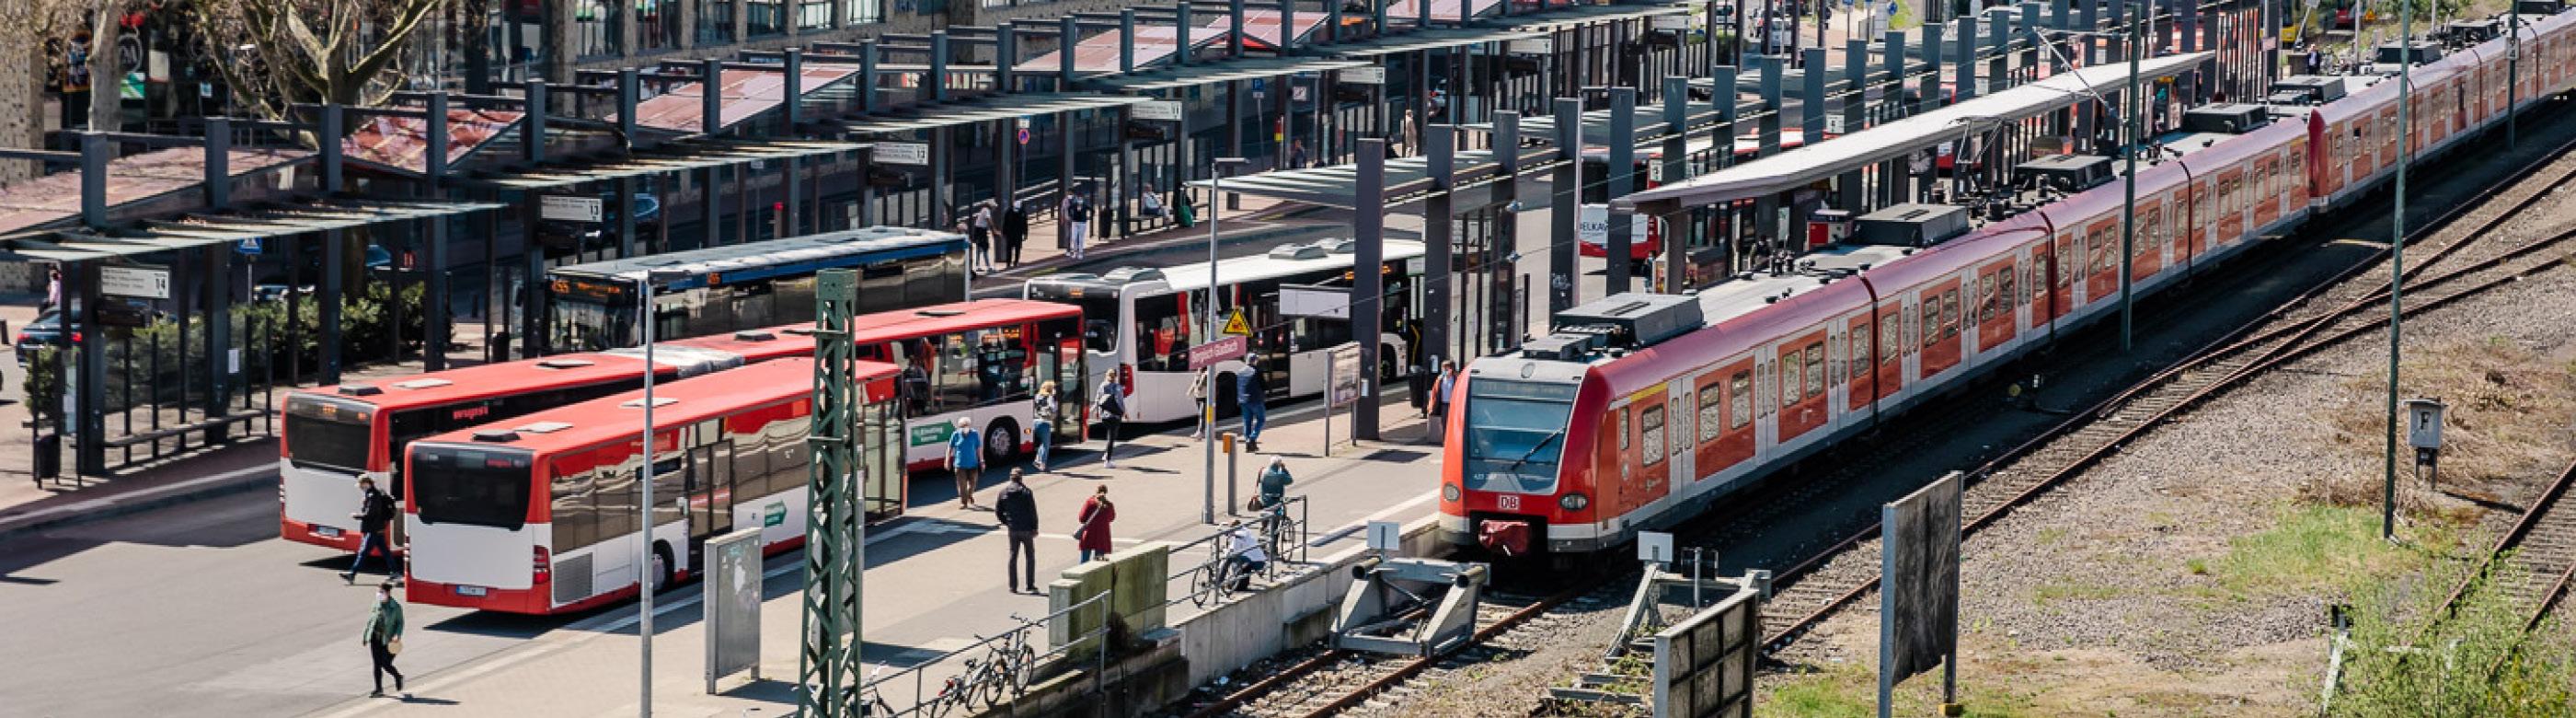 <p>Die Stadt Bergisch Gladbach hat für den Ausbau der S 11 weitere wichtige Beschlüsse gefasst.</p>